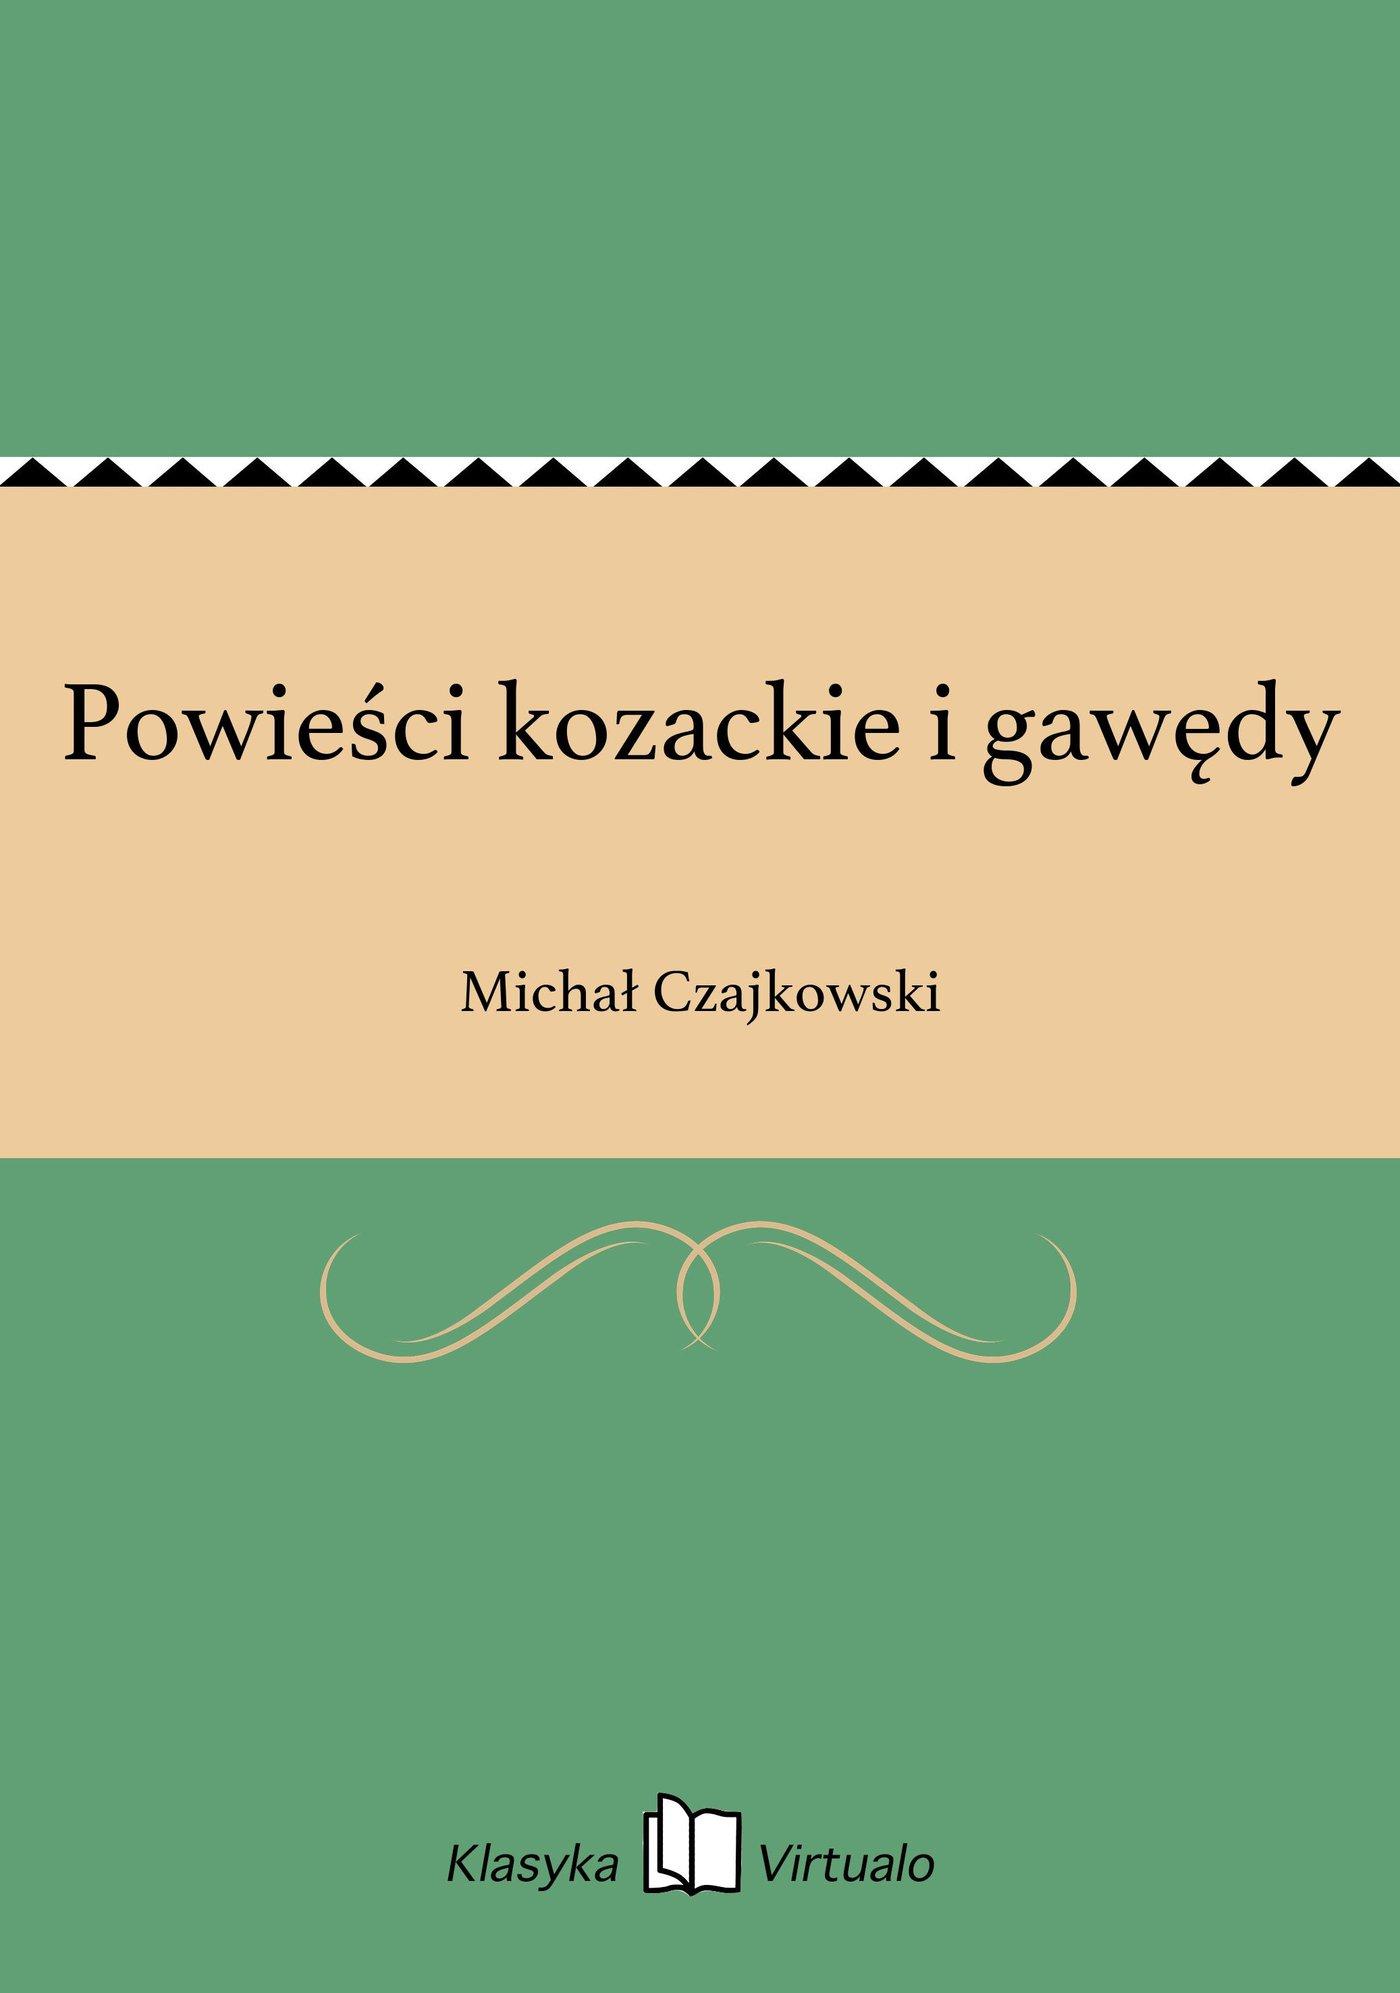 Powieści kozackie i gawędy - Ebook (Książka EPUB) do pobrania w formacie EPUB